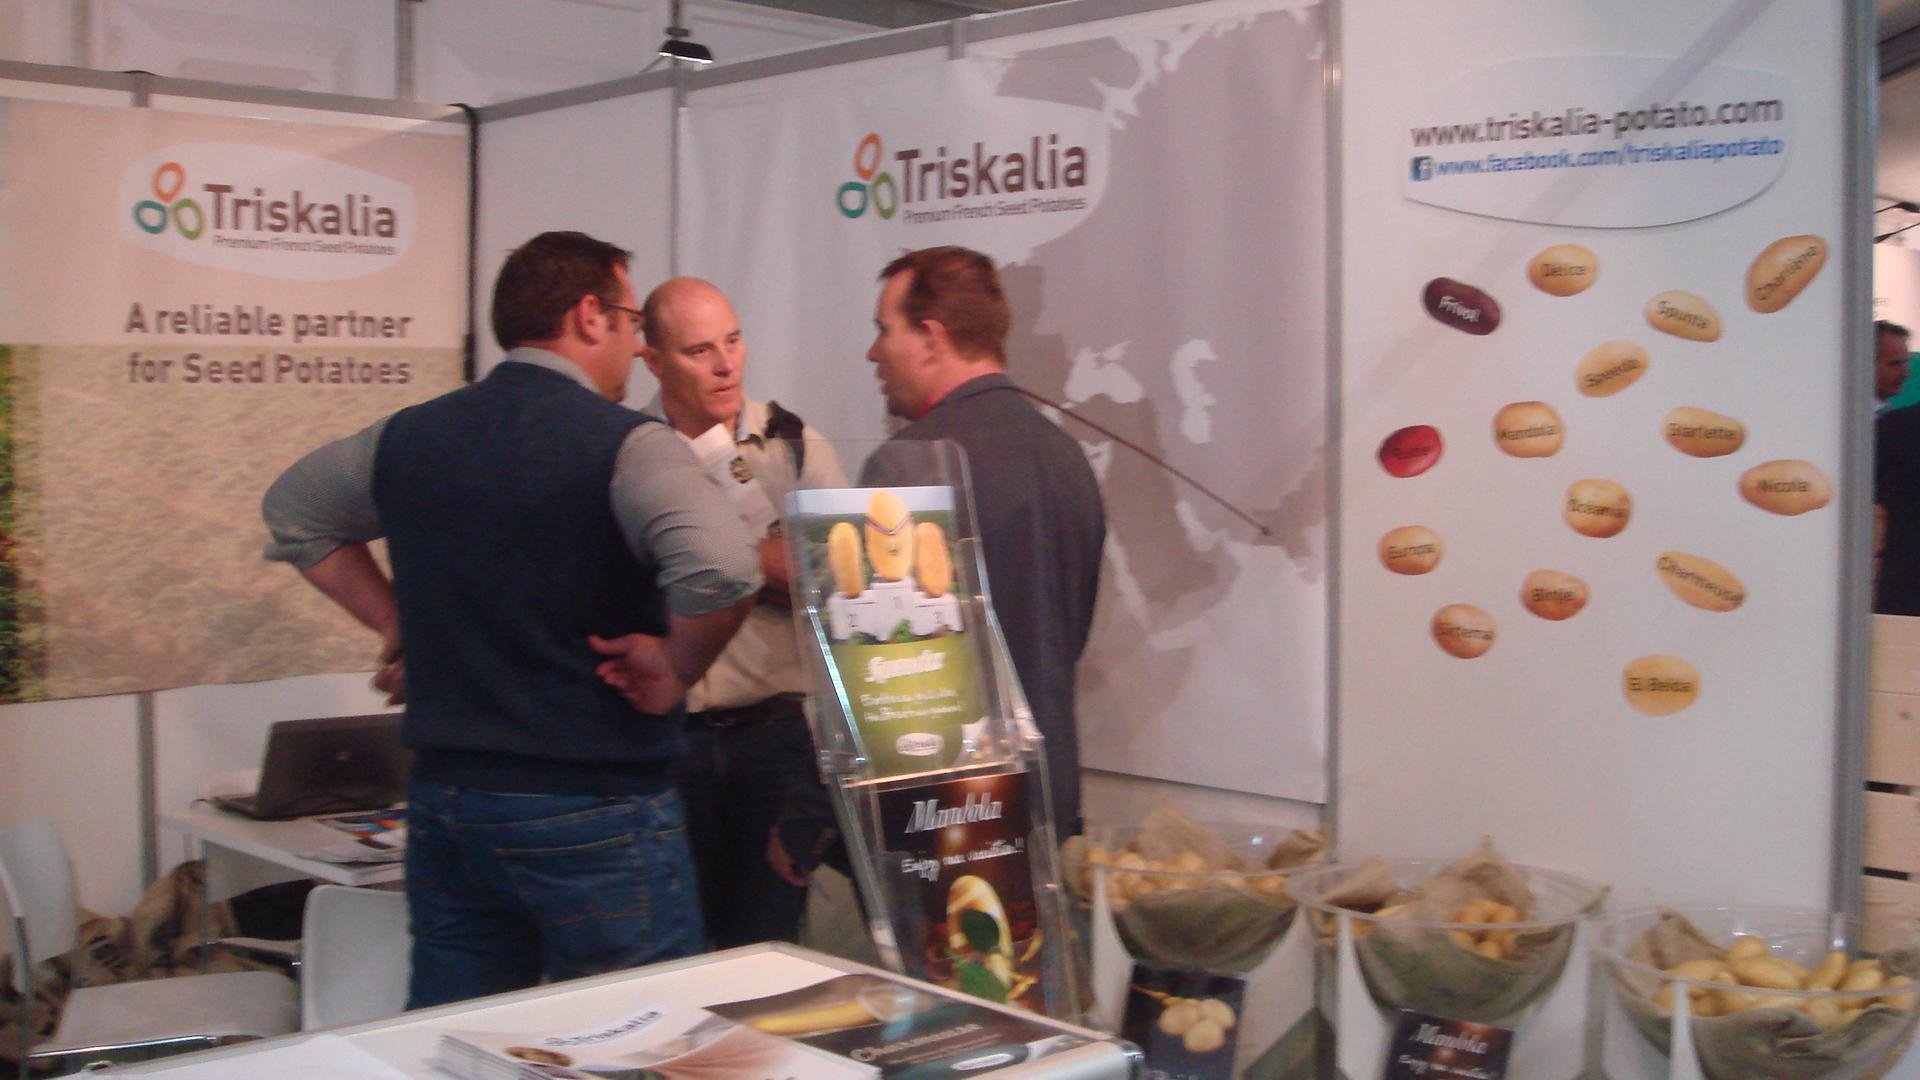 potato europe 2015